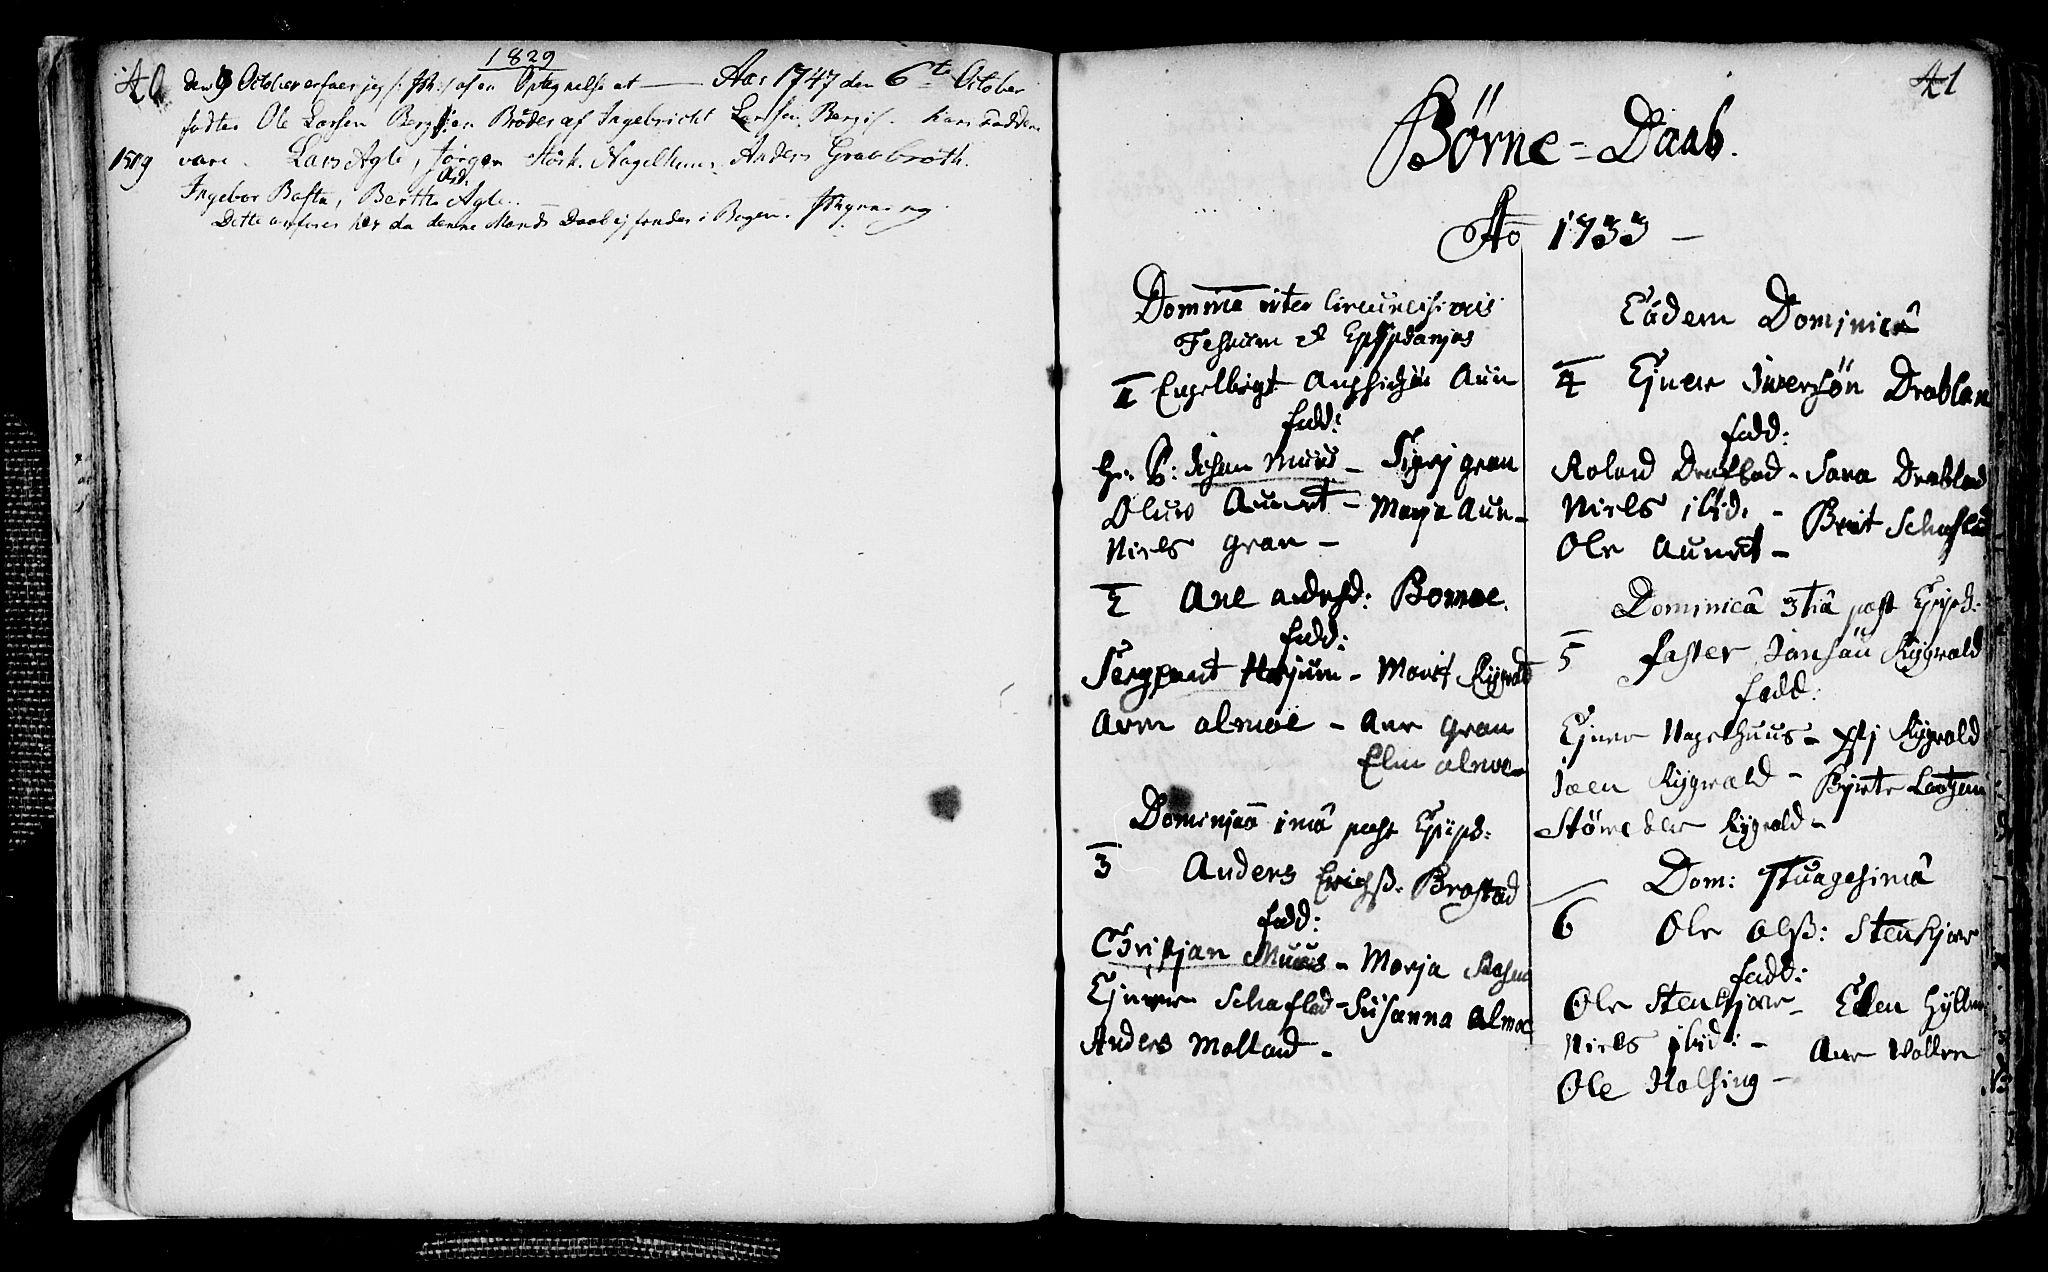 SAT, Ministerialprotokoller, klokkerbøker og fødselsregistre - Nord-Trøndelag, 749/L0467: Ministerialbok nr. 749A01, 1733-1787, s. 40-41